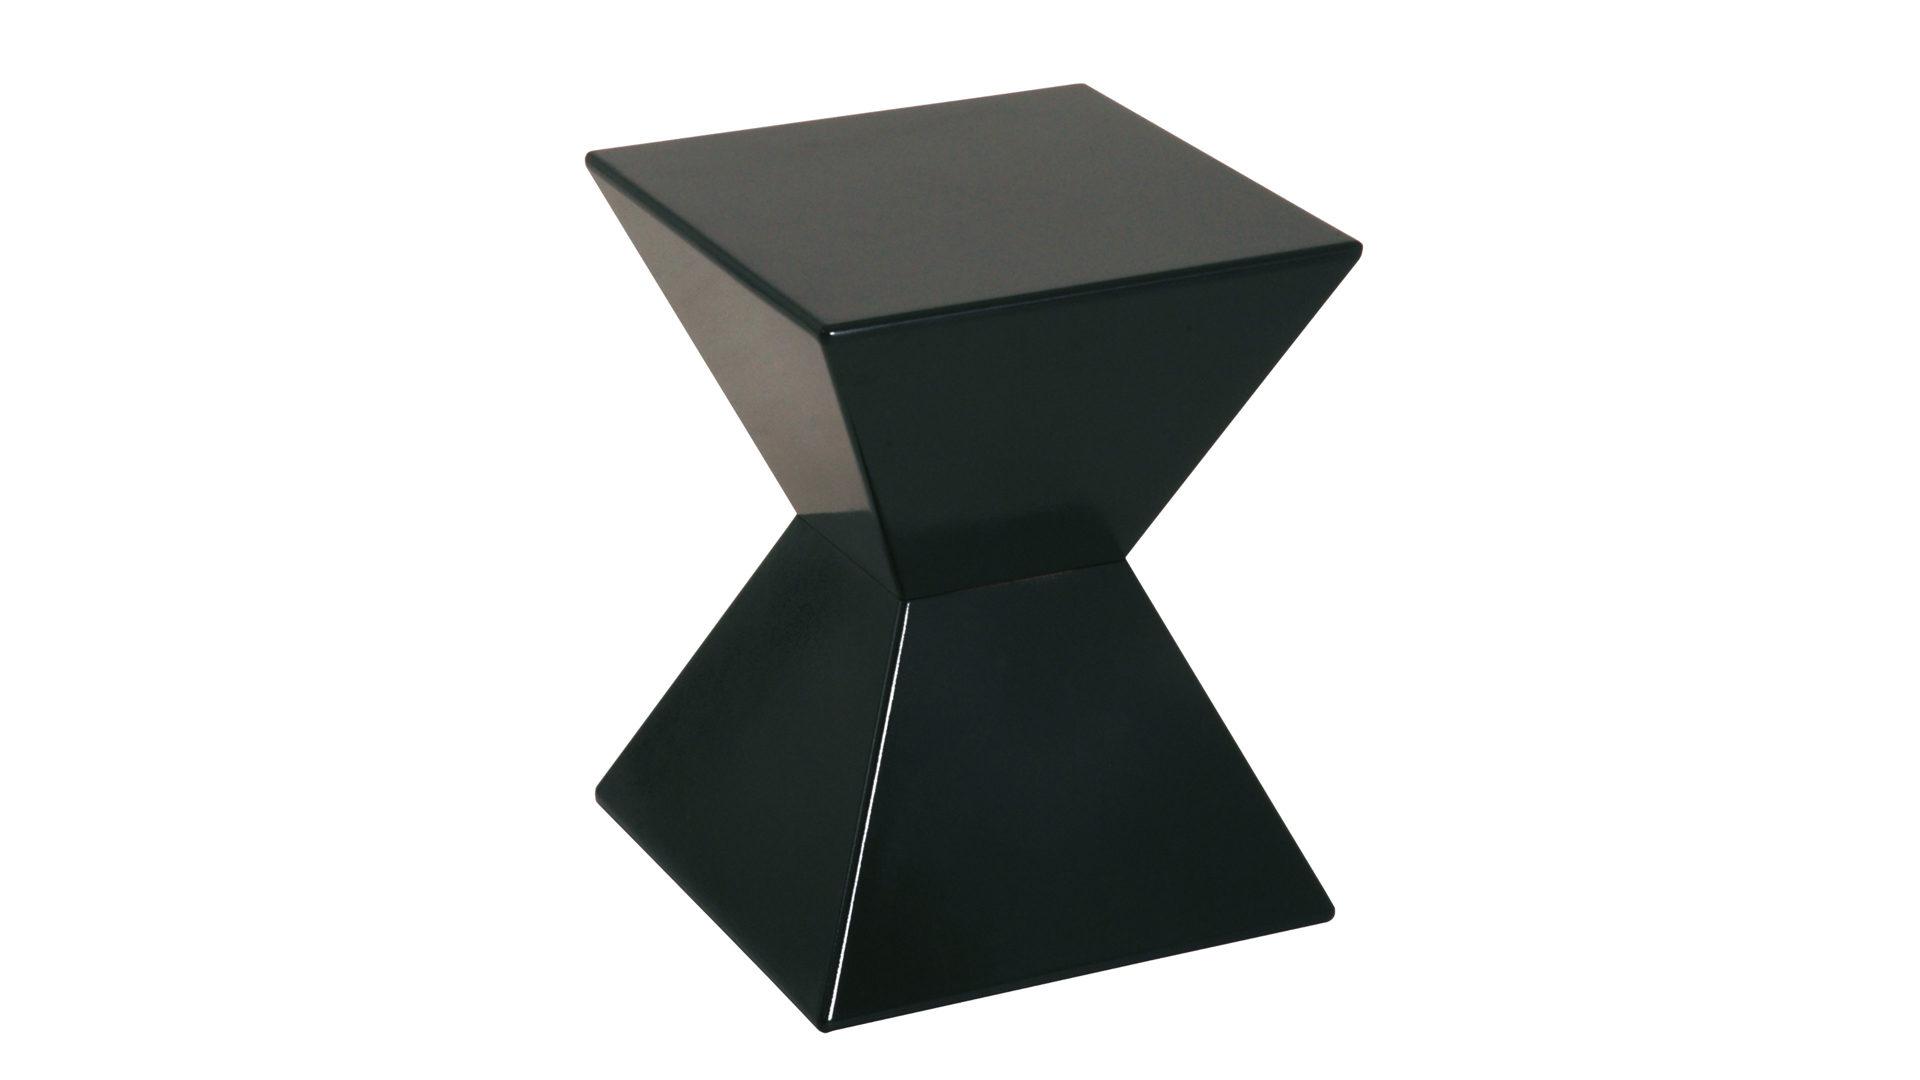 Hocker modern kunststoff  Einrichtungspartner Ring | Beistelltisch & Hocker für nahezu jede ...